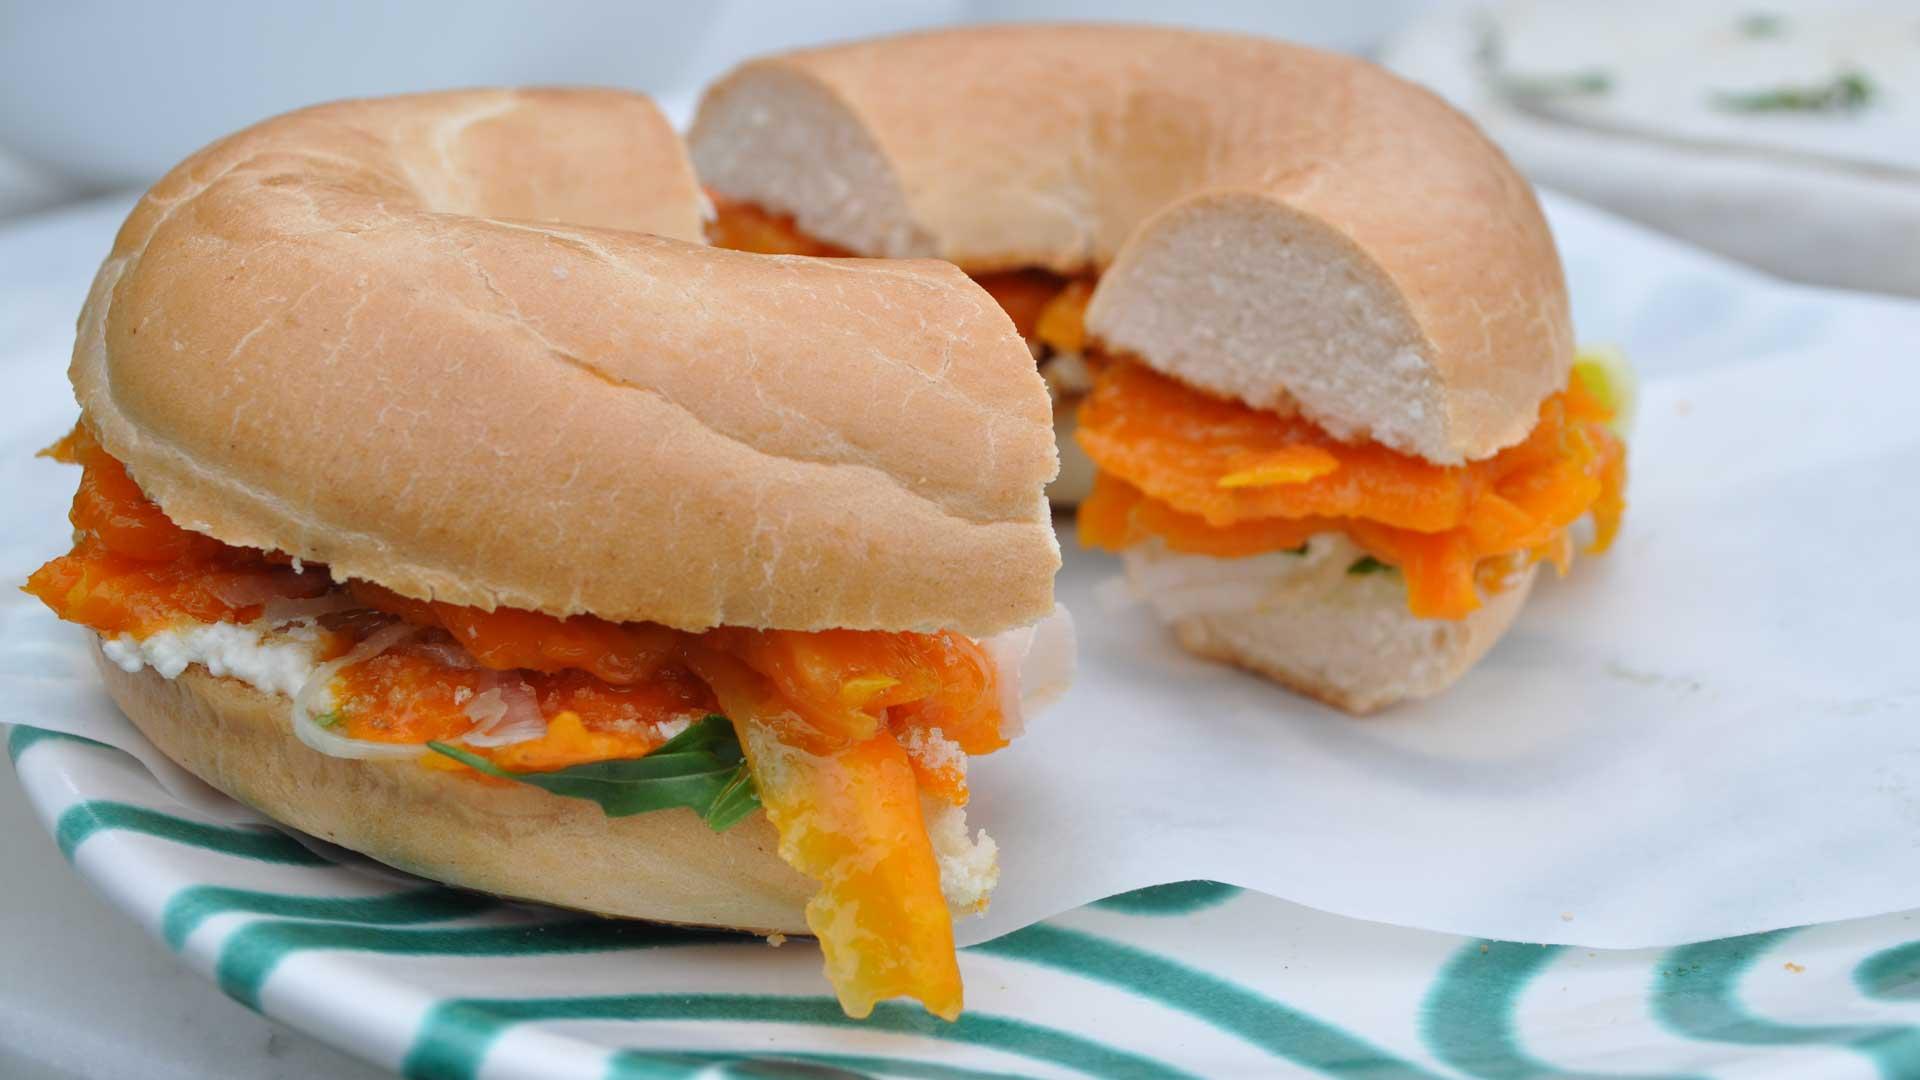 Karottenlax als vegane Alternative zu Fisch © Keine Maerchen